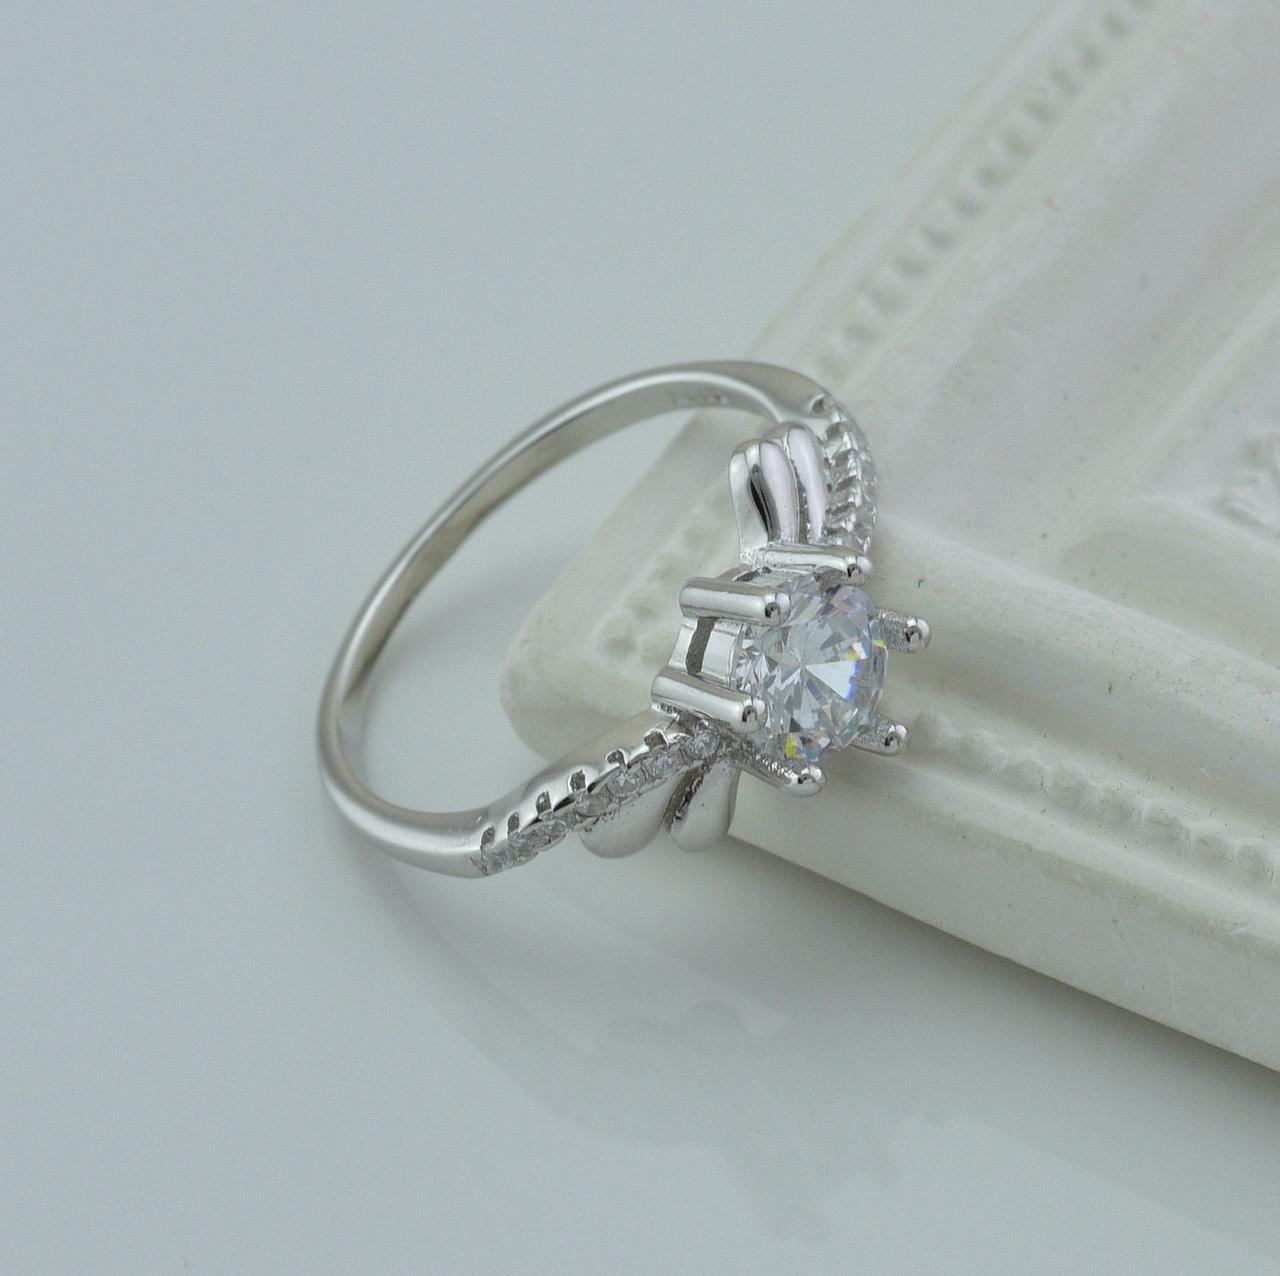 Серебряное кольцо размер 19.5 вставка белые фианиты вес 2.5 г